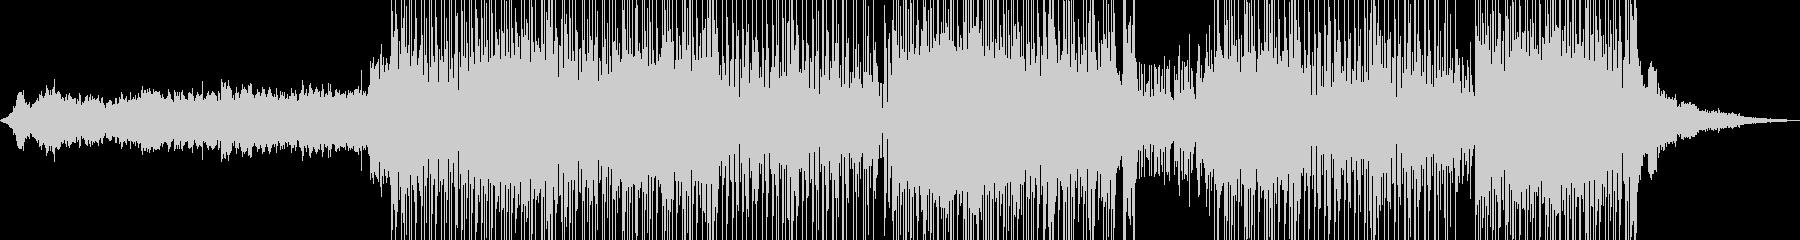 琴・尺八・レトロな演歌調ポップ 長尺+の未再生の波形